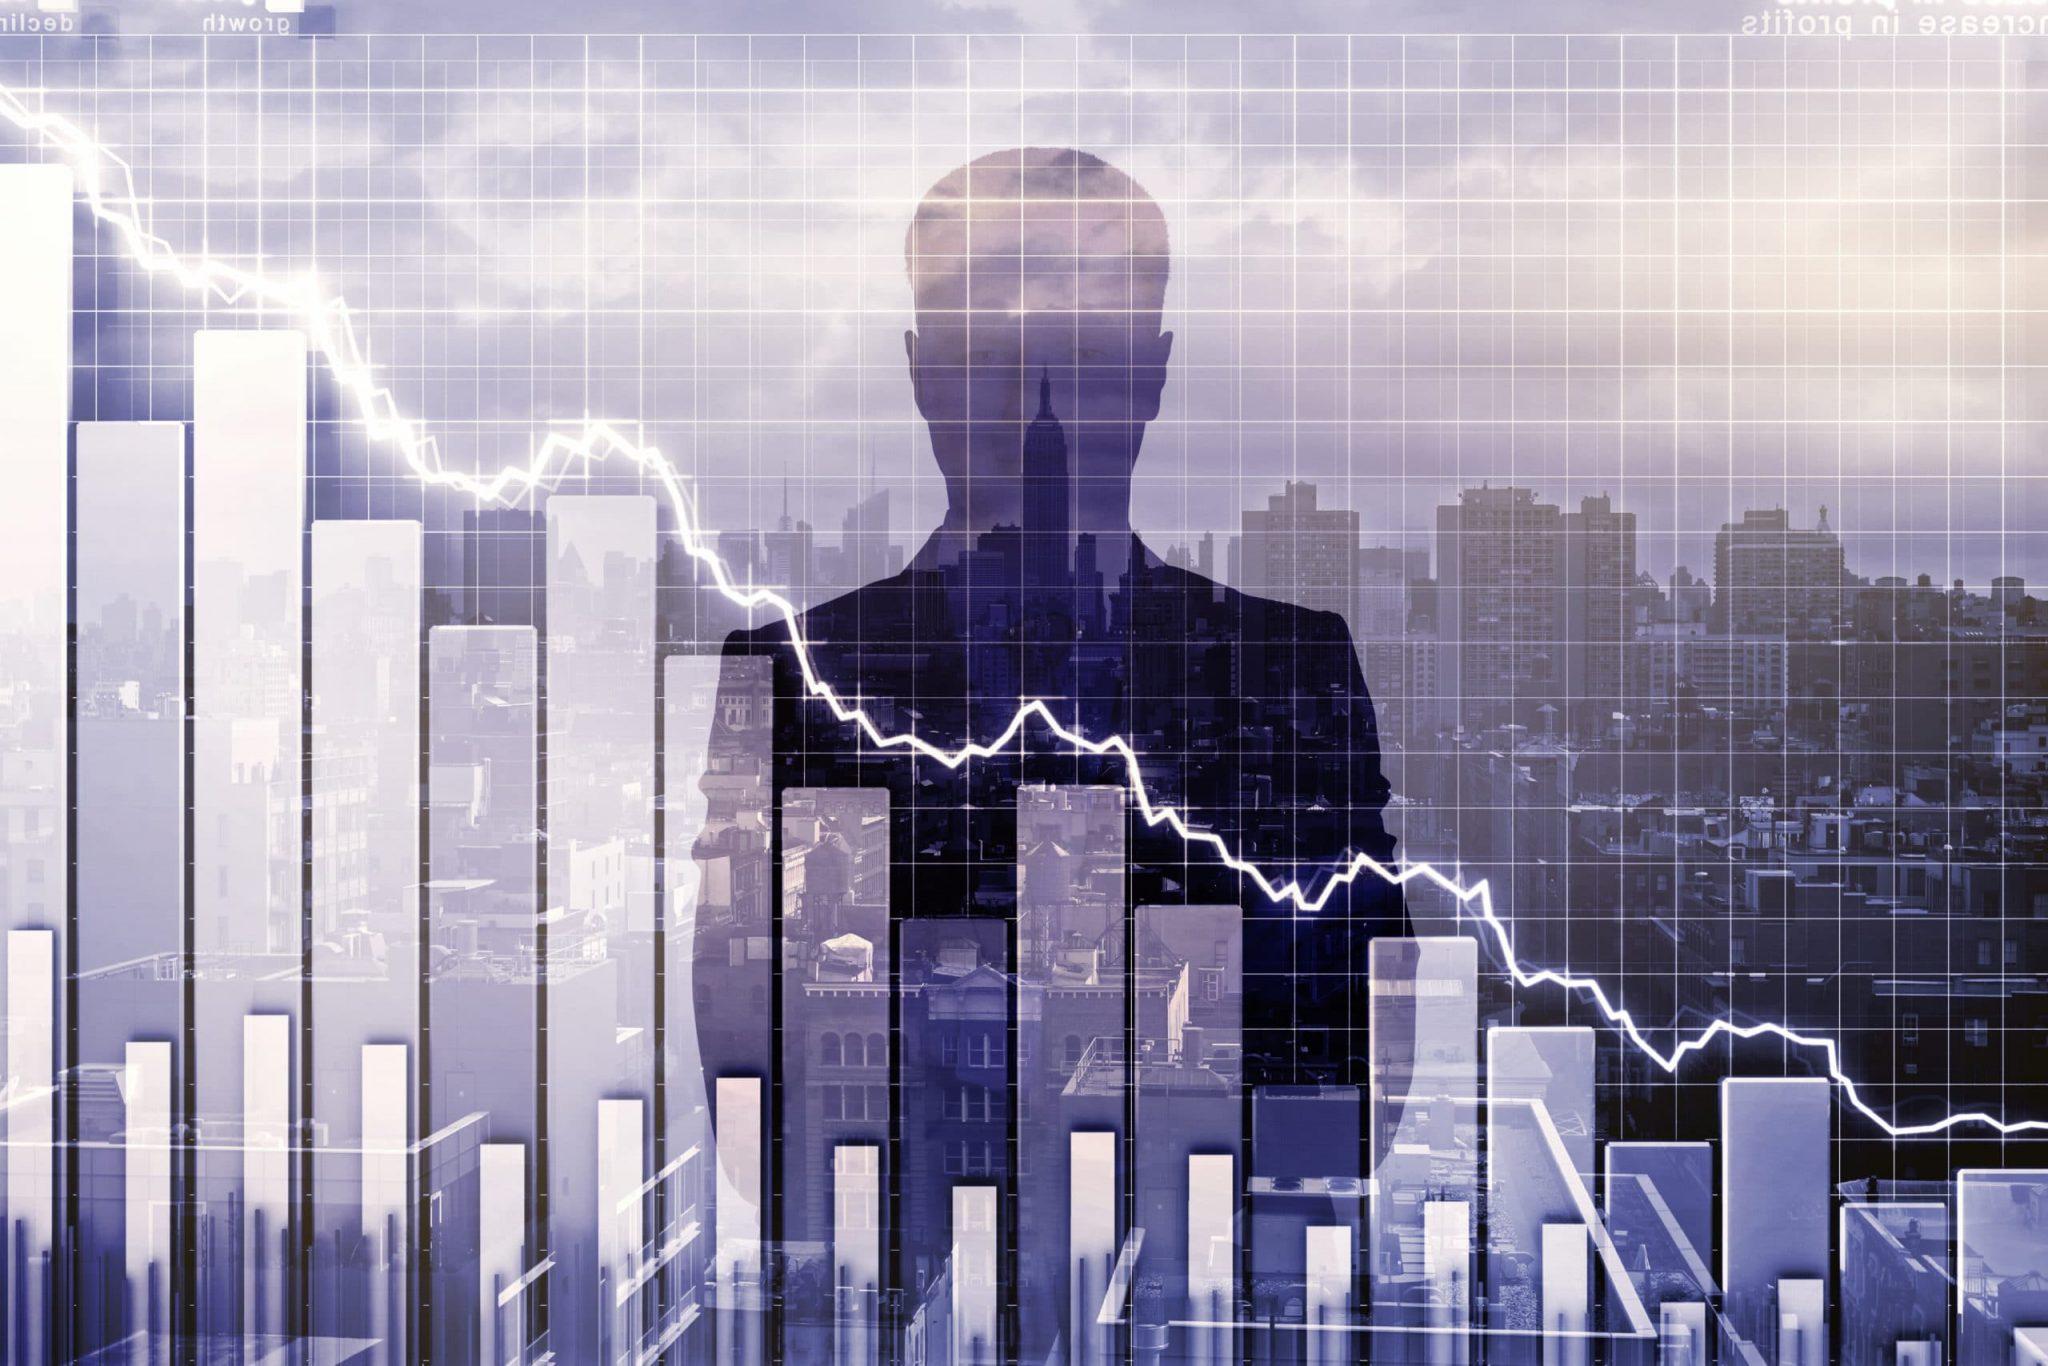 Почему мировая экономика не сможет выйти из кризиса в этом году?